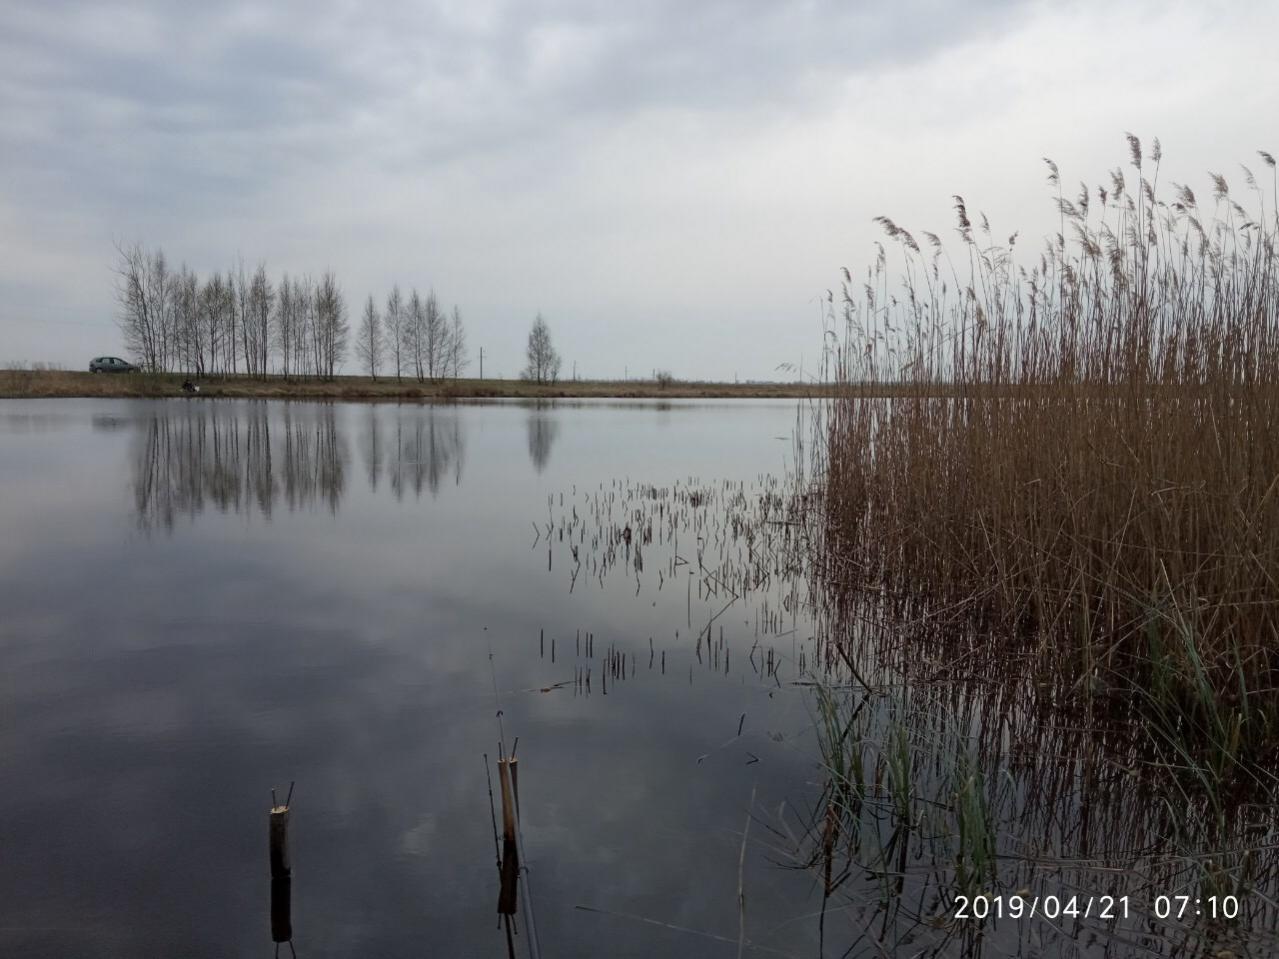 Утром к 6 уже был на пруду. Место ...   Отчеты о рыбалке в Беларуси